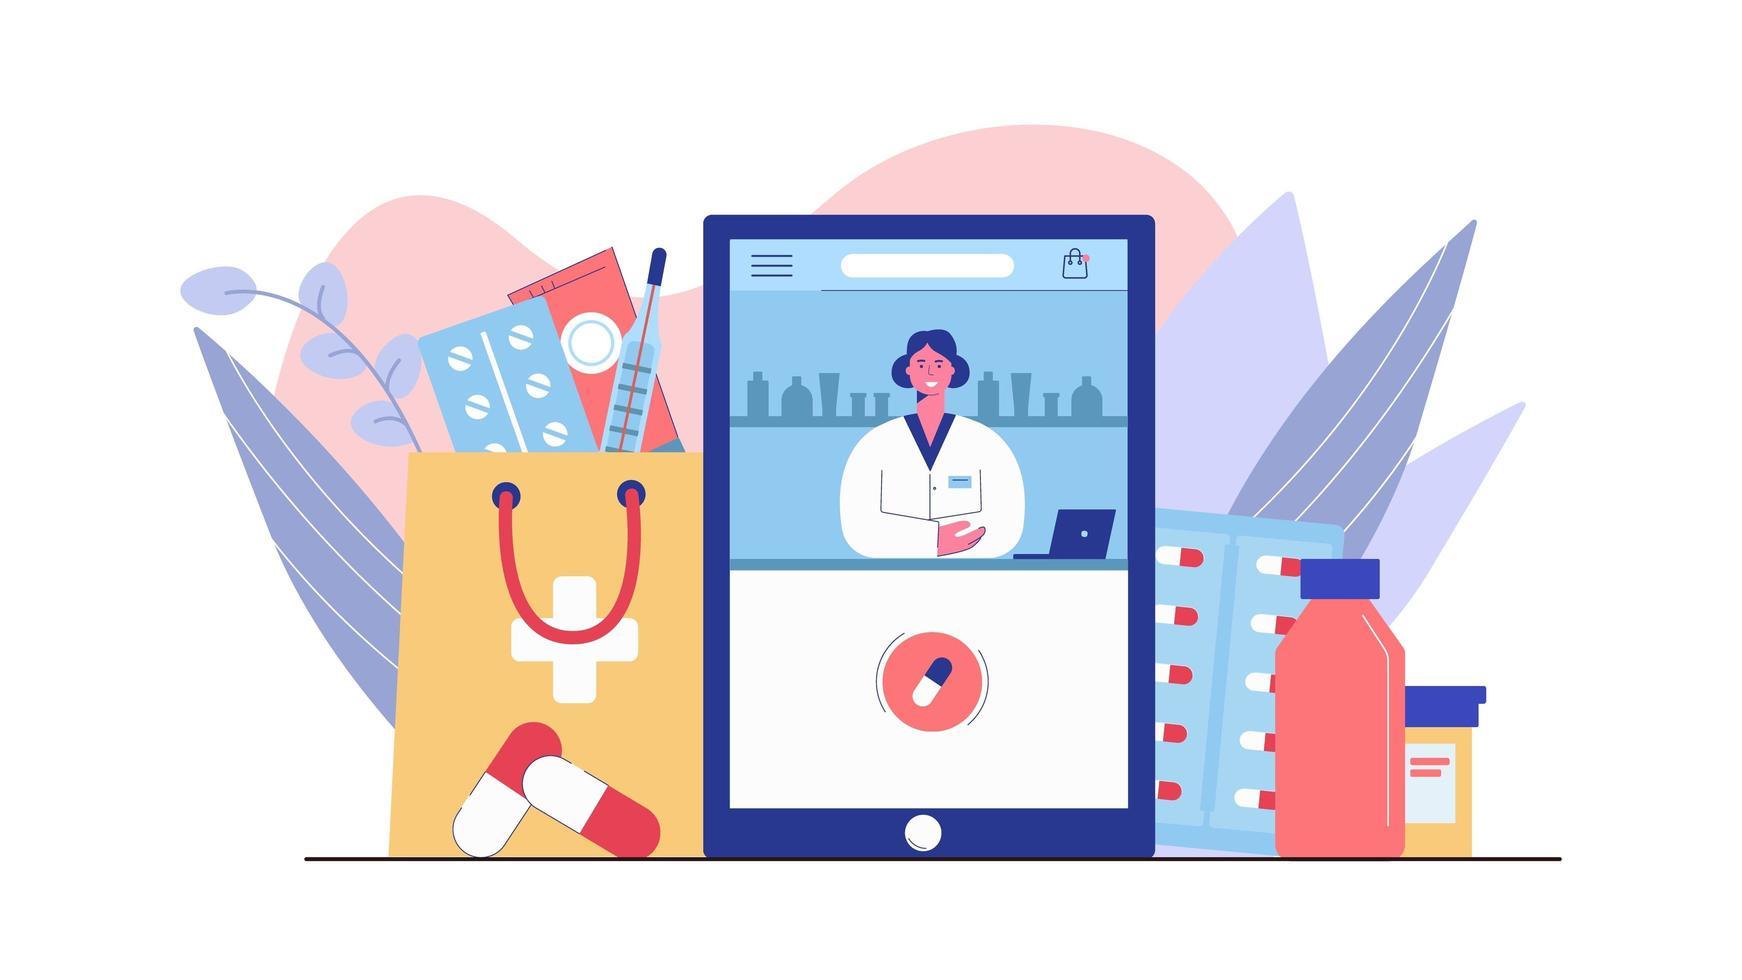 consulta com farmacêutico feminino vetor